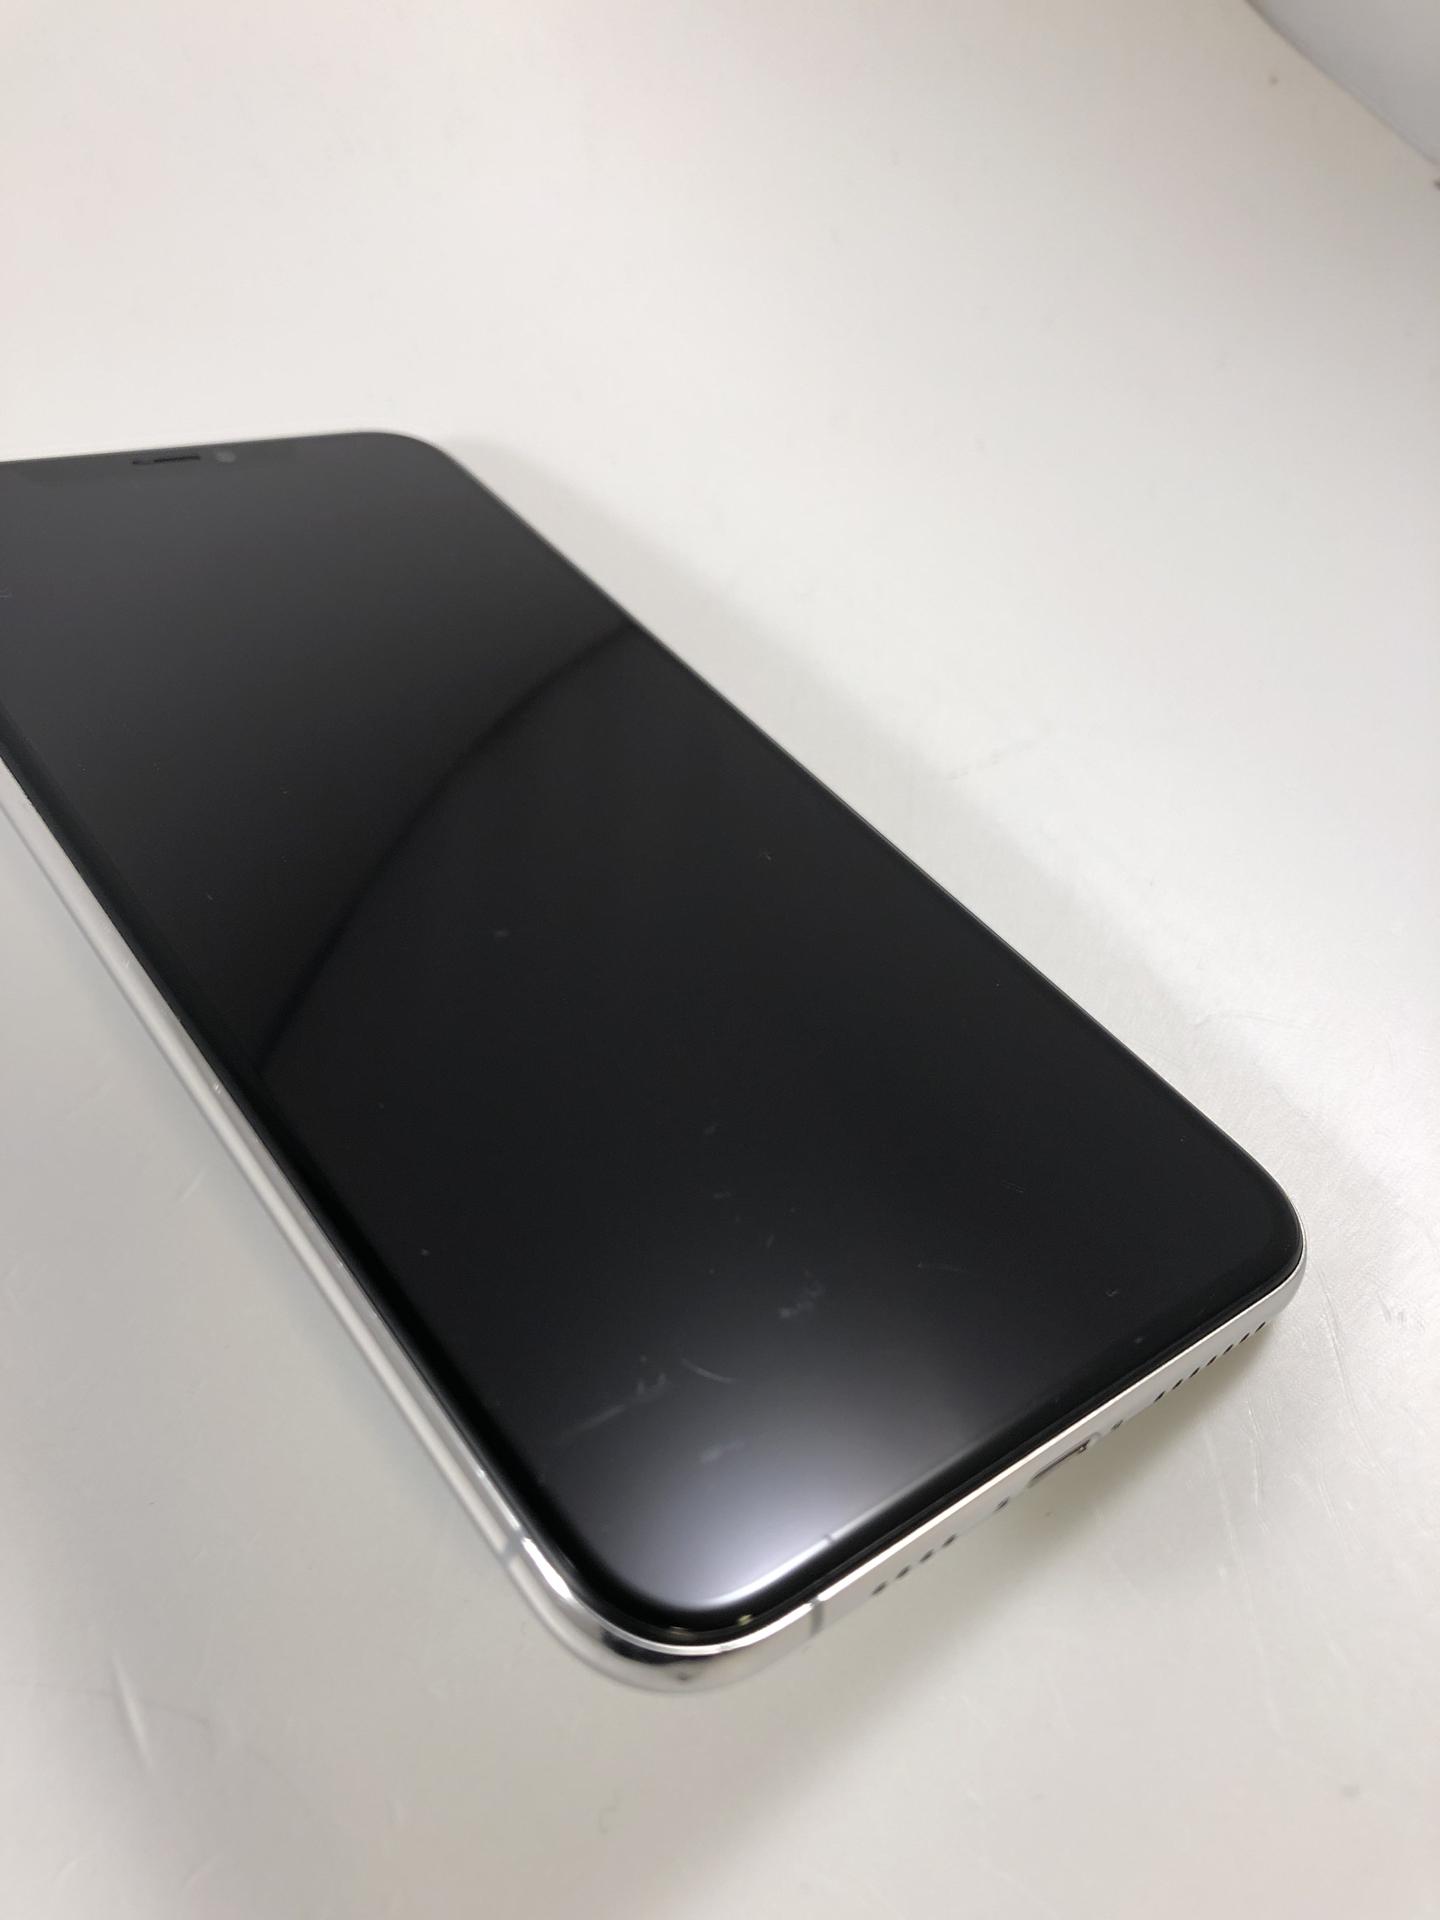 iPhone XS Max 256GB, 256GB, Silver, obraz 3